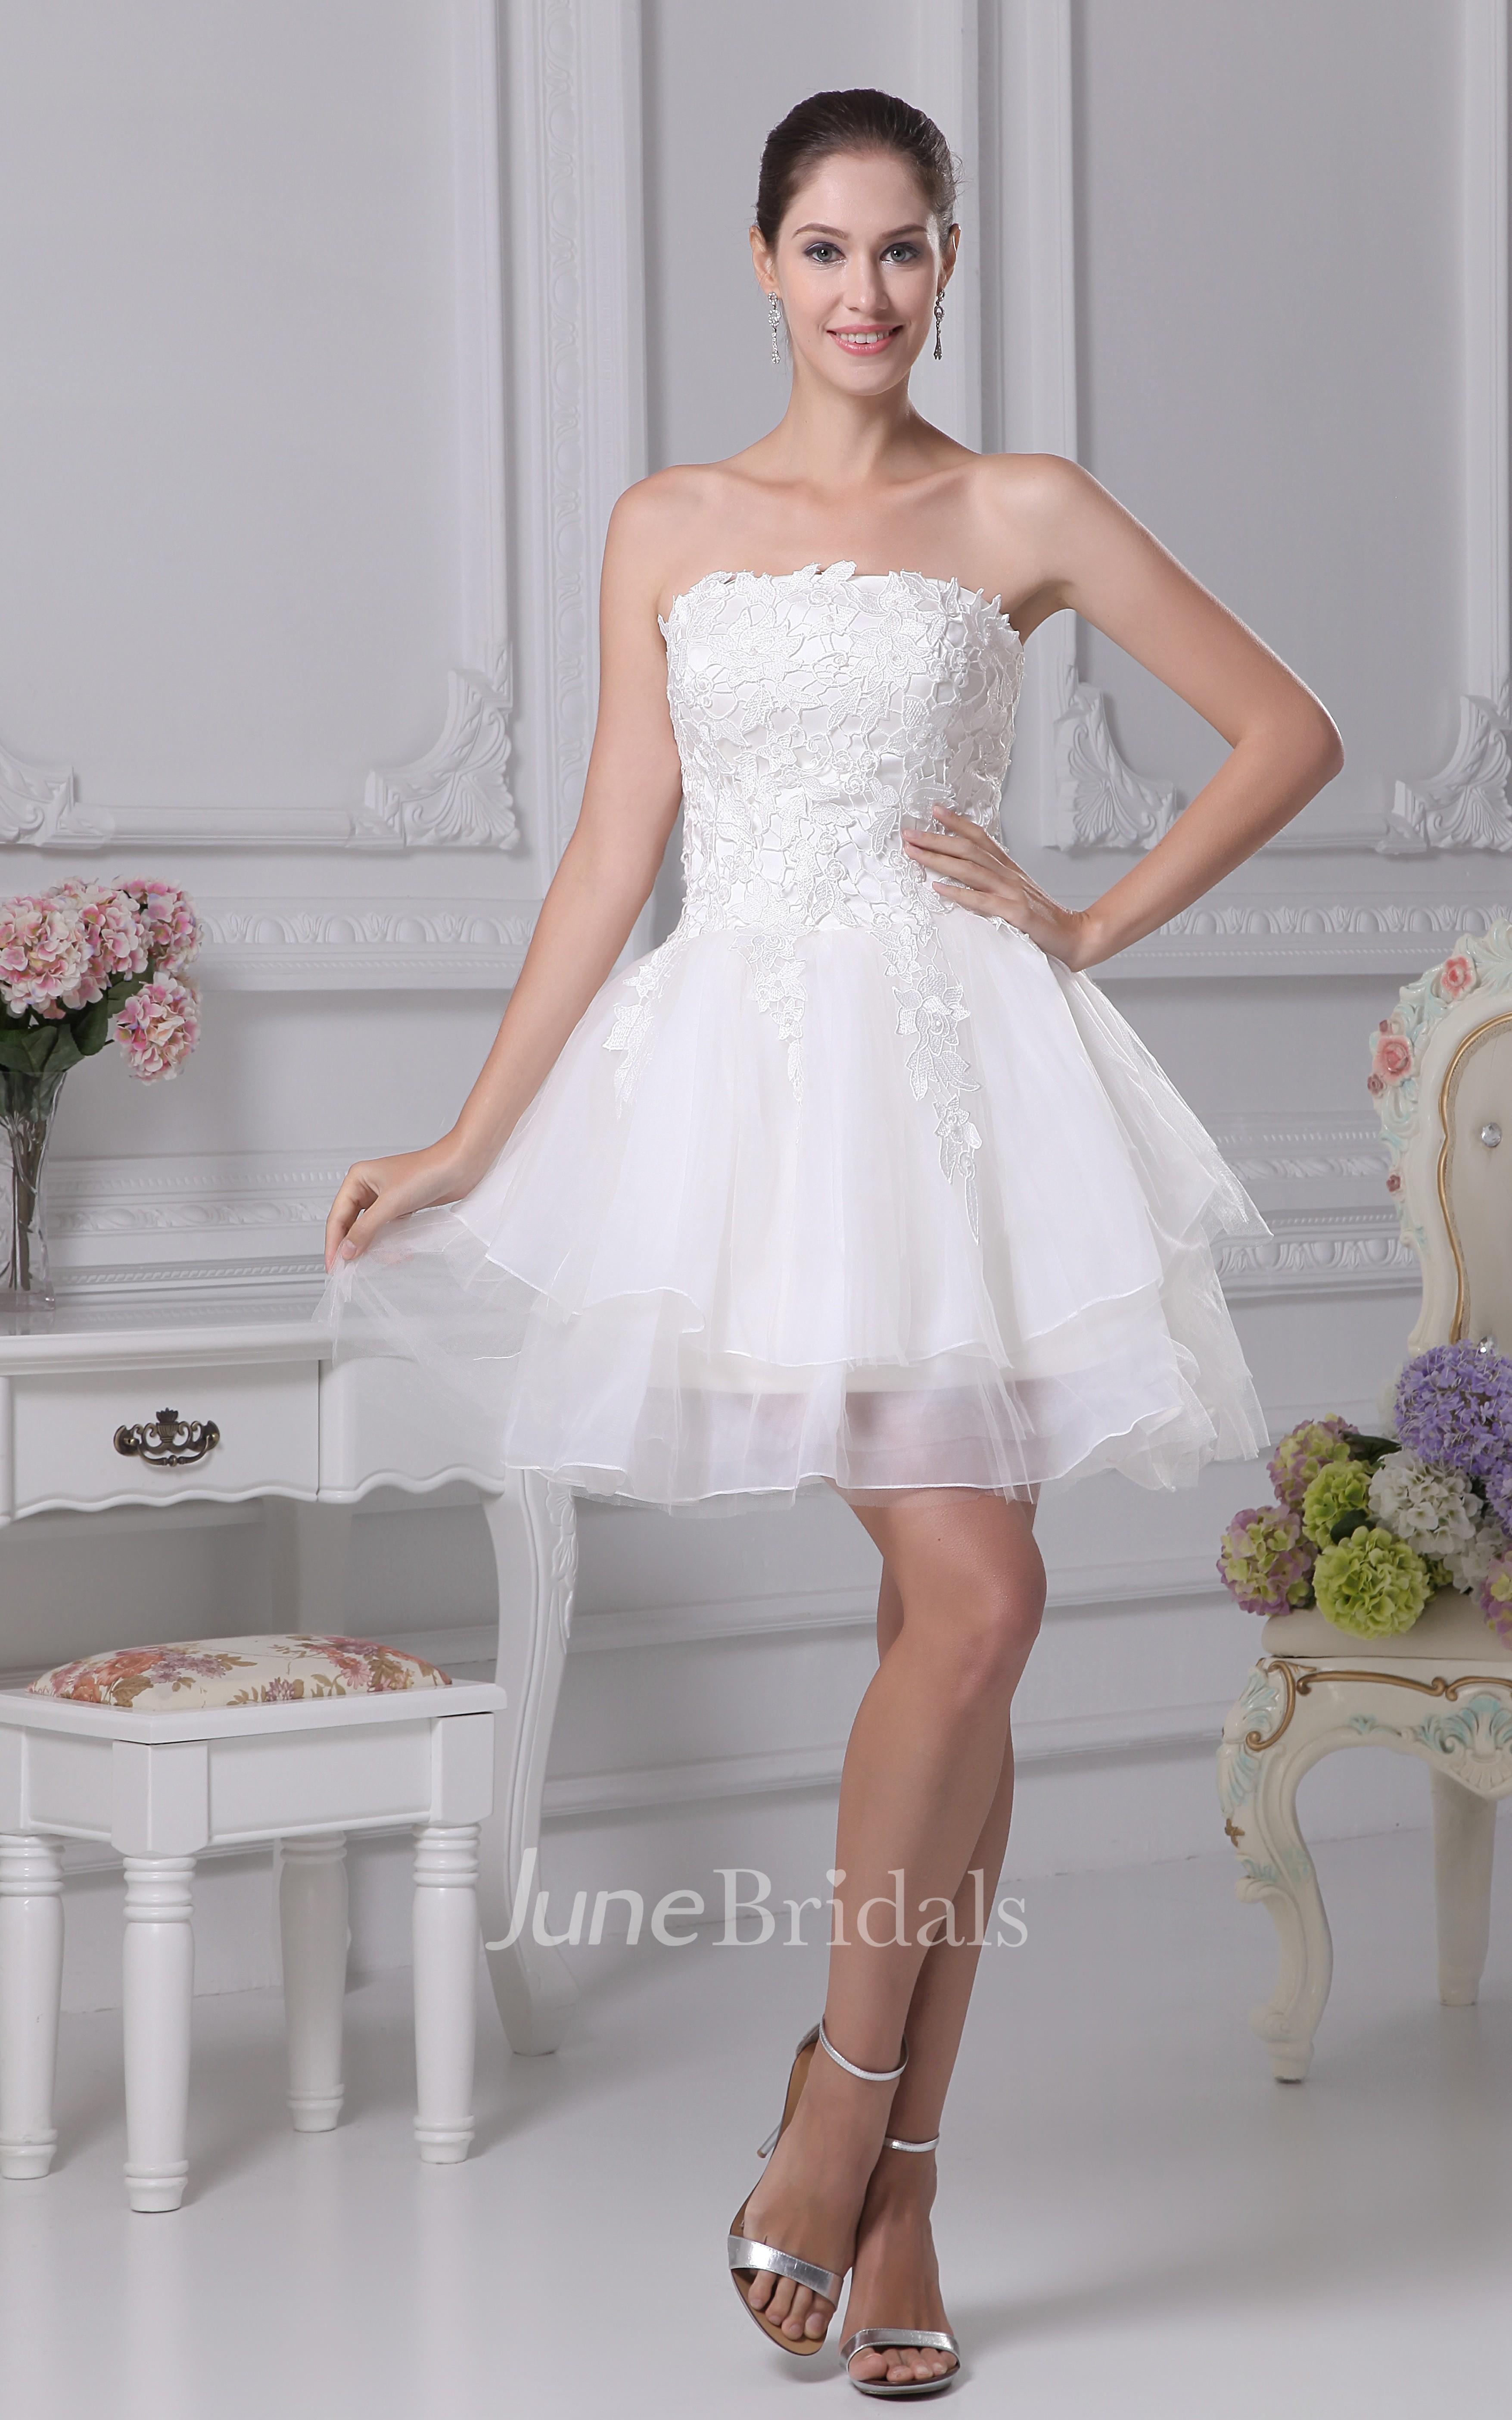 Cheap Short Beach Wedding Dresses Casual Wedding Dresses - June ...